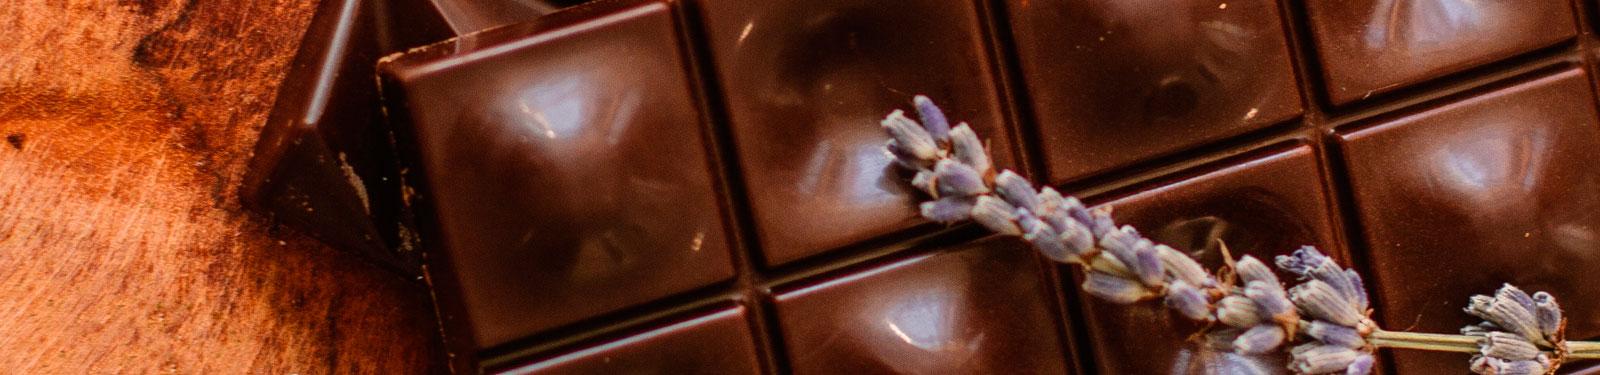 lo que nos hace el chocolate